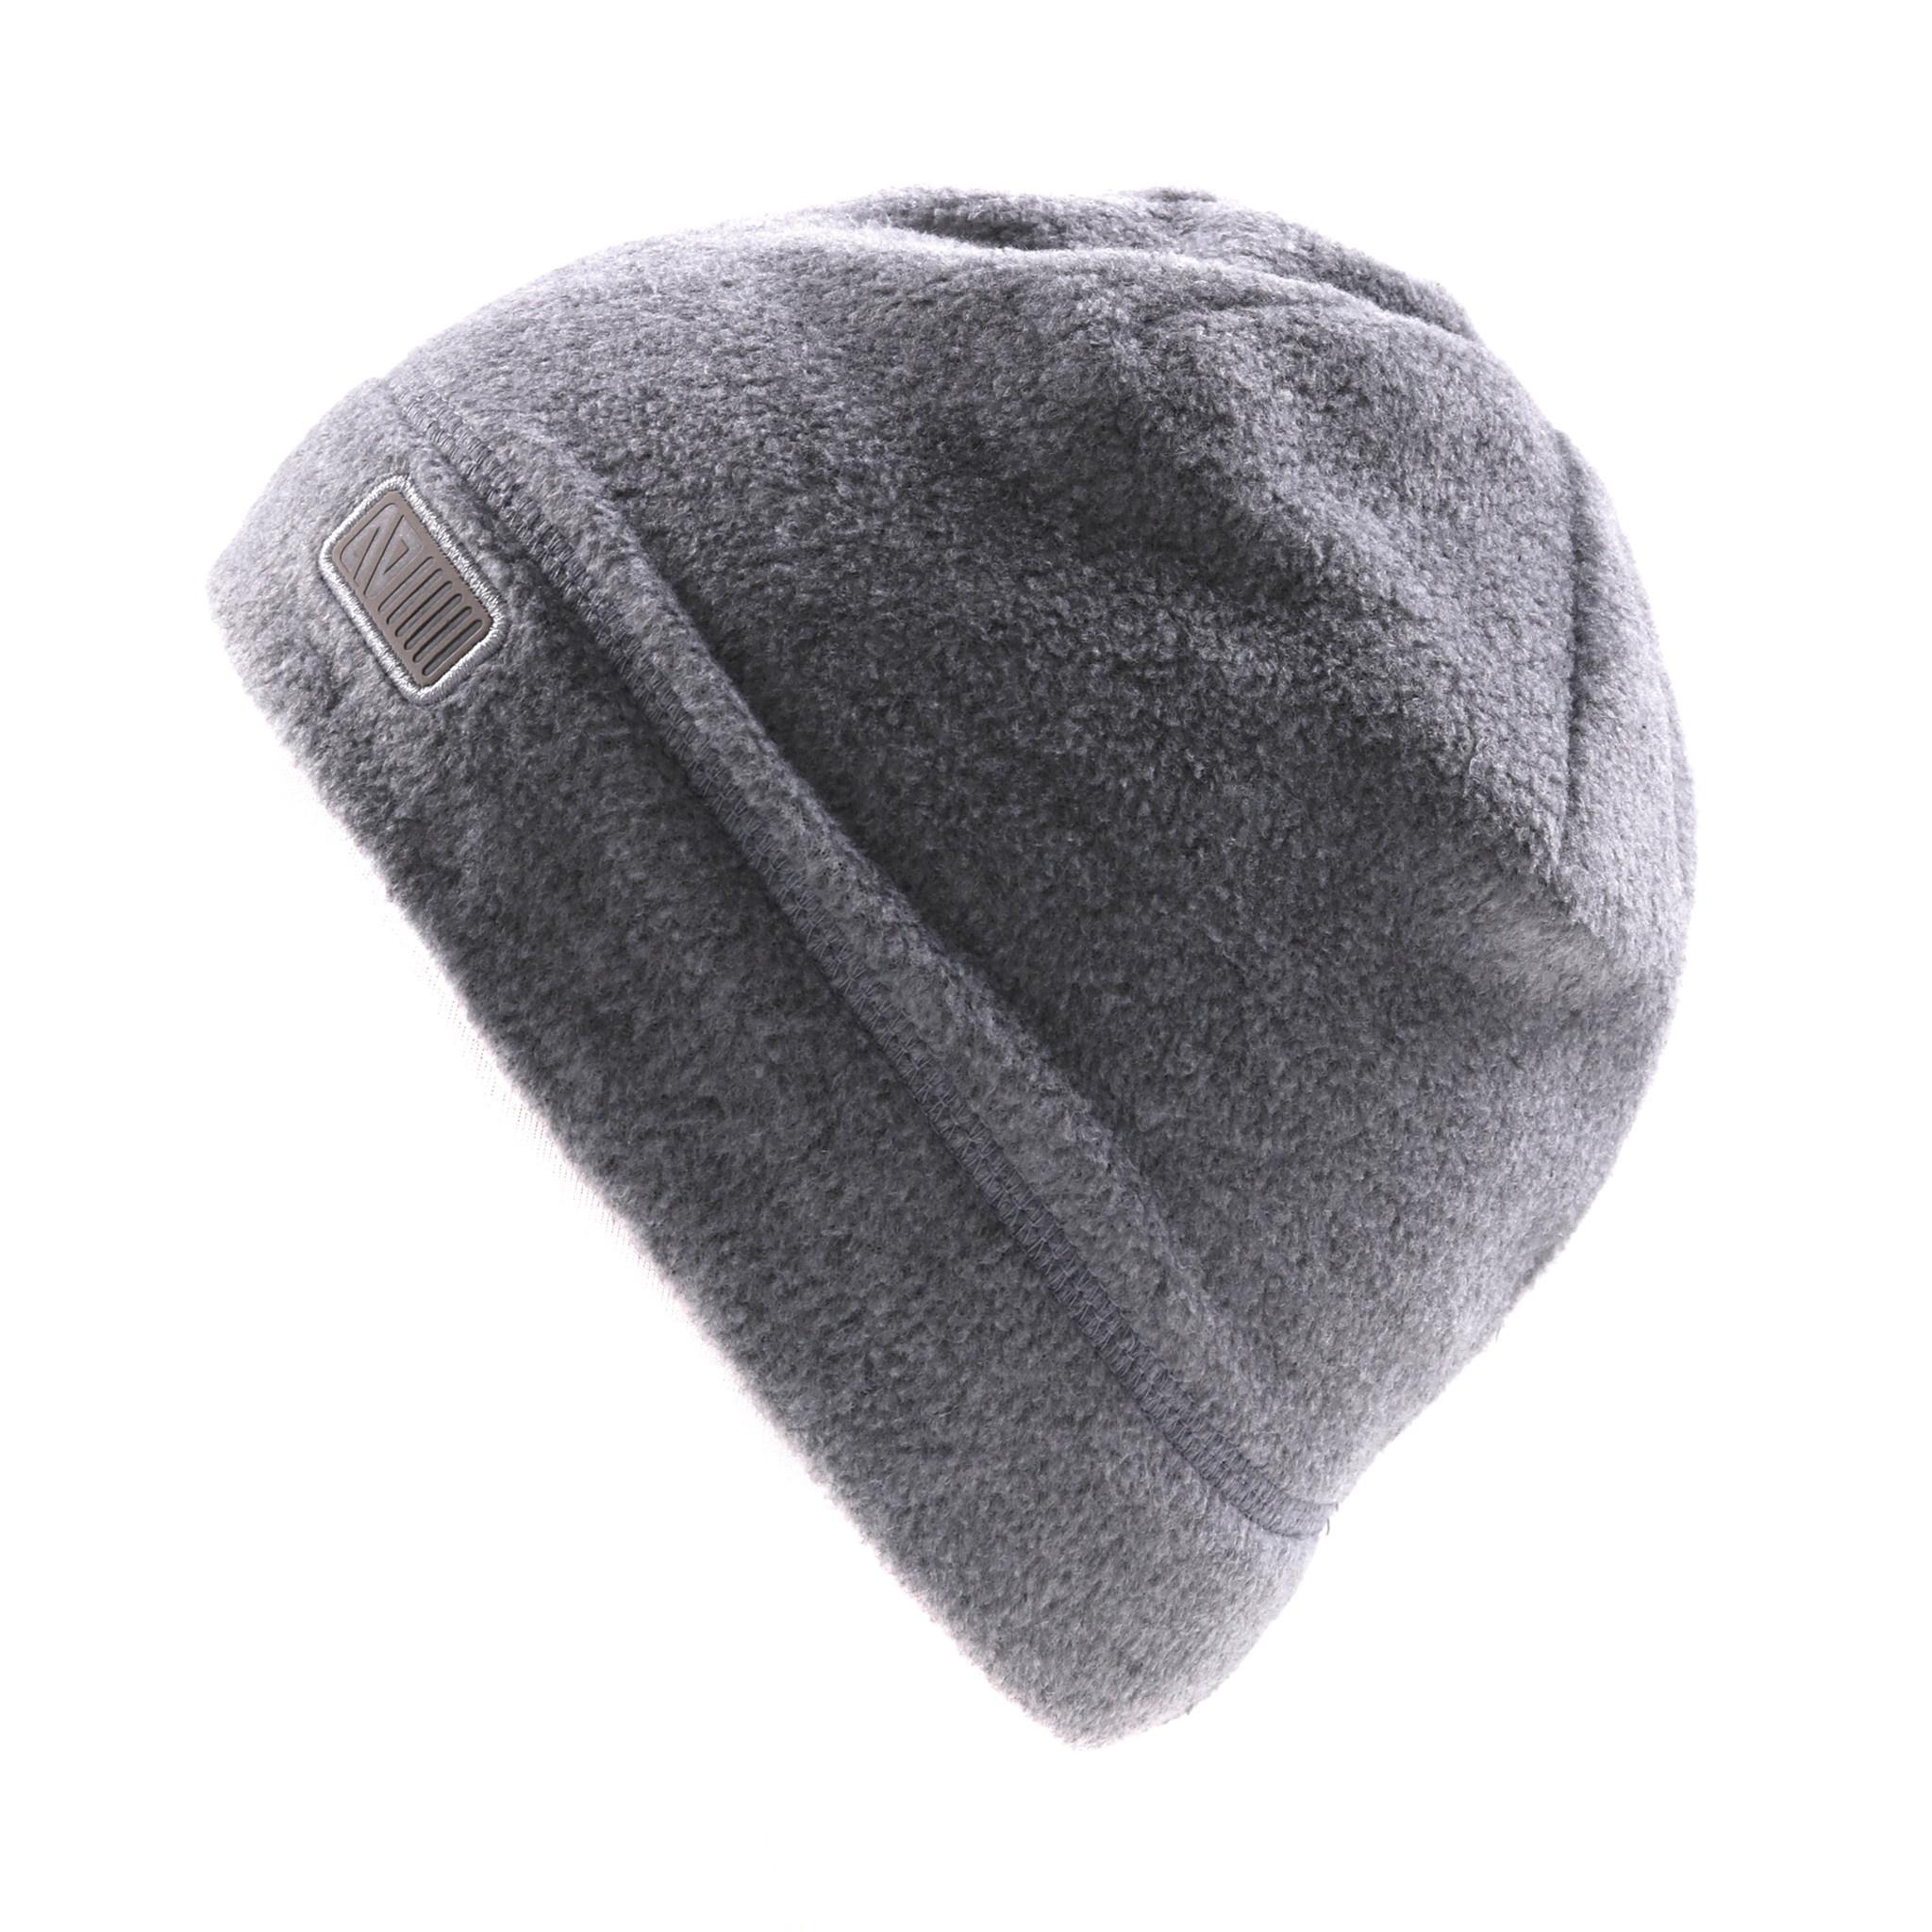 Tuque en polar sans oreilles Grise-1